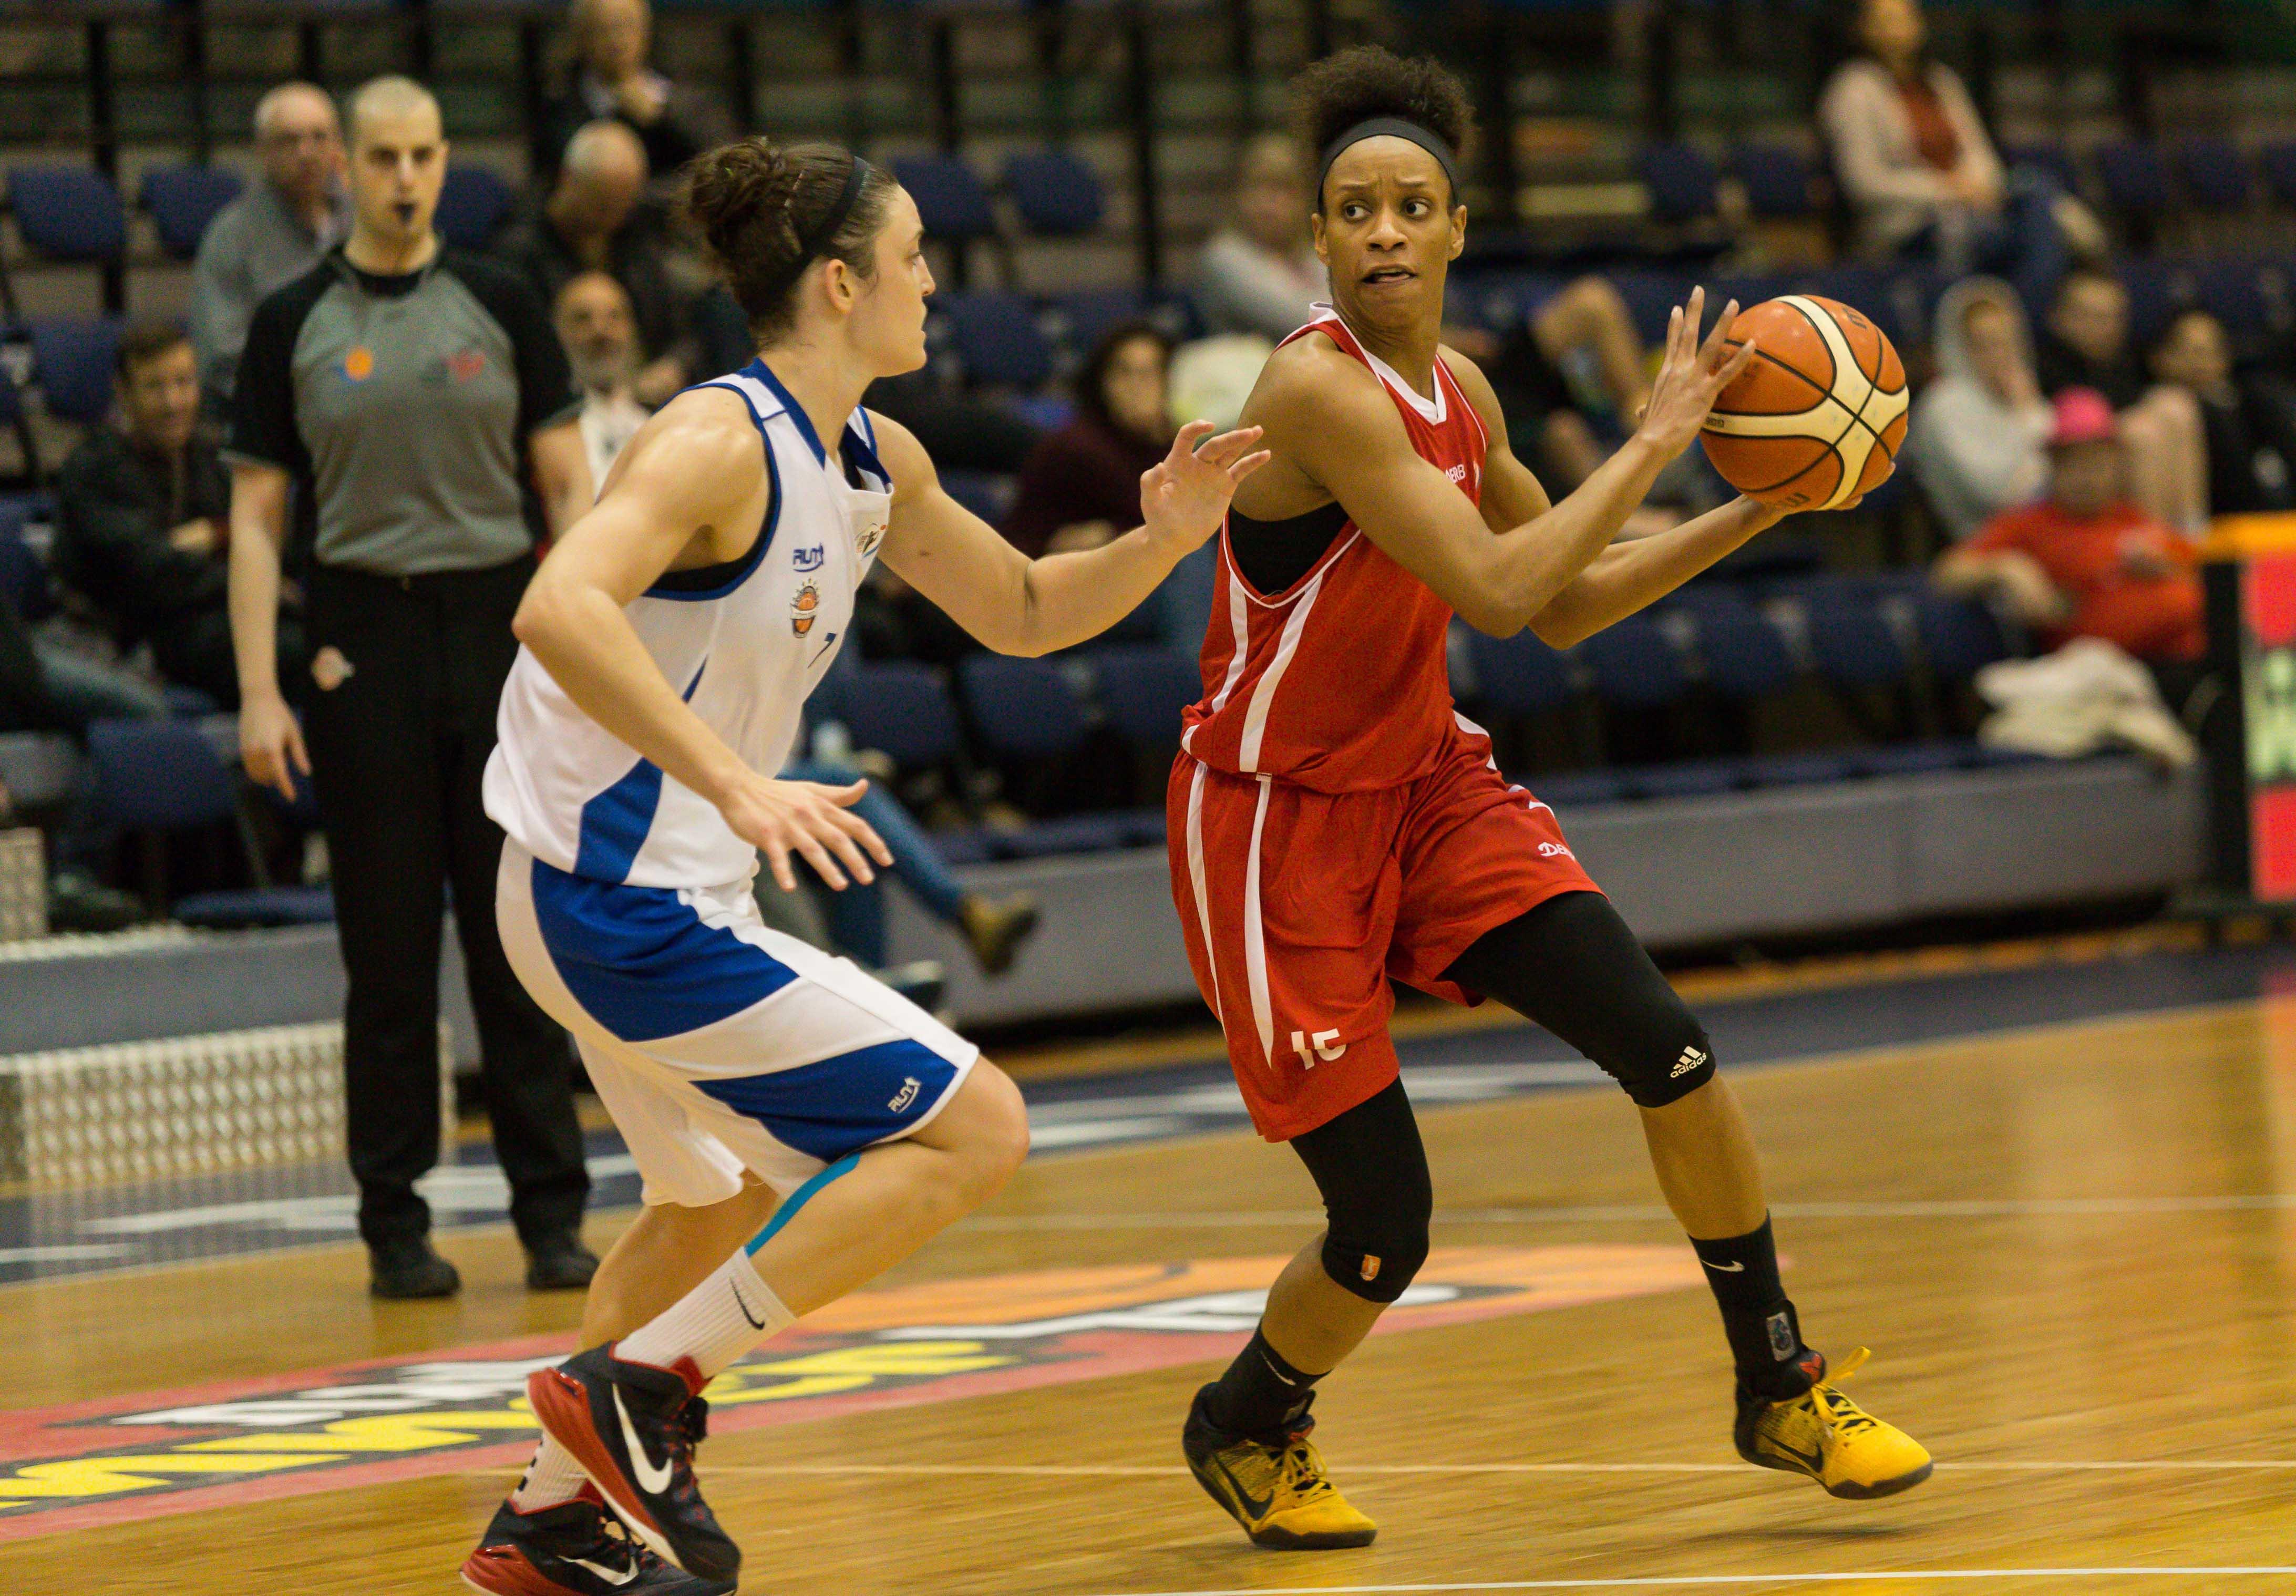 לאן השבוע: ירושלים בקרב על חצי הגמר ביורוקאפ, שני מחזורים חשובים בליגת העל לנשים